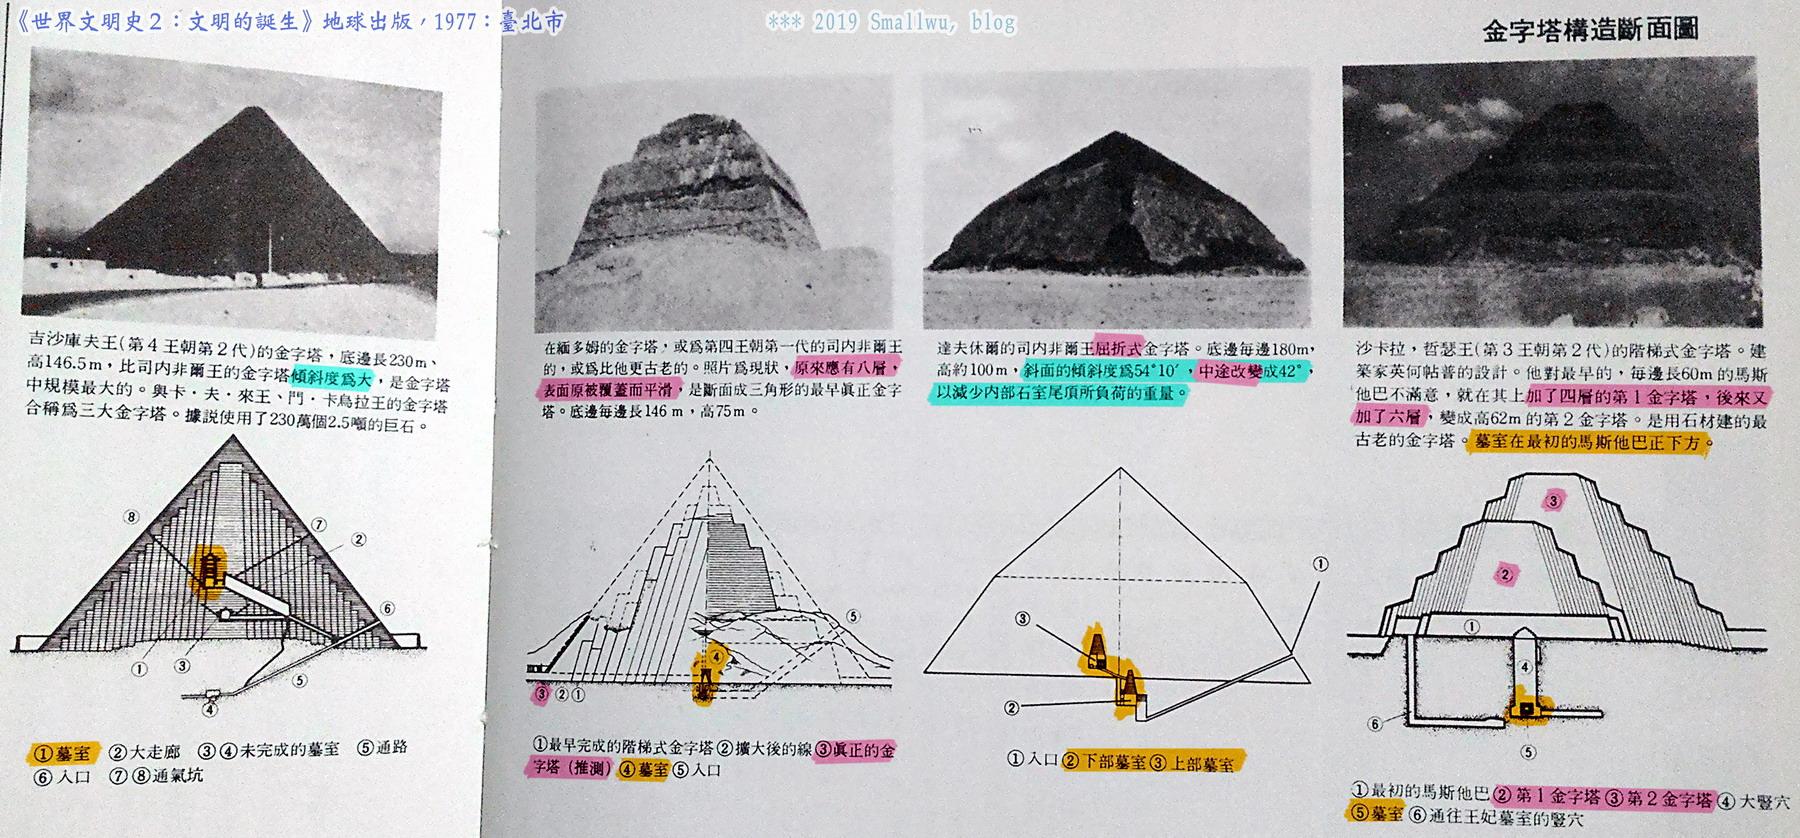 世界文明史2-文明的誕生-11 四個金字塔斷面圖.jpg